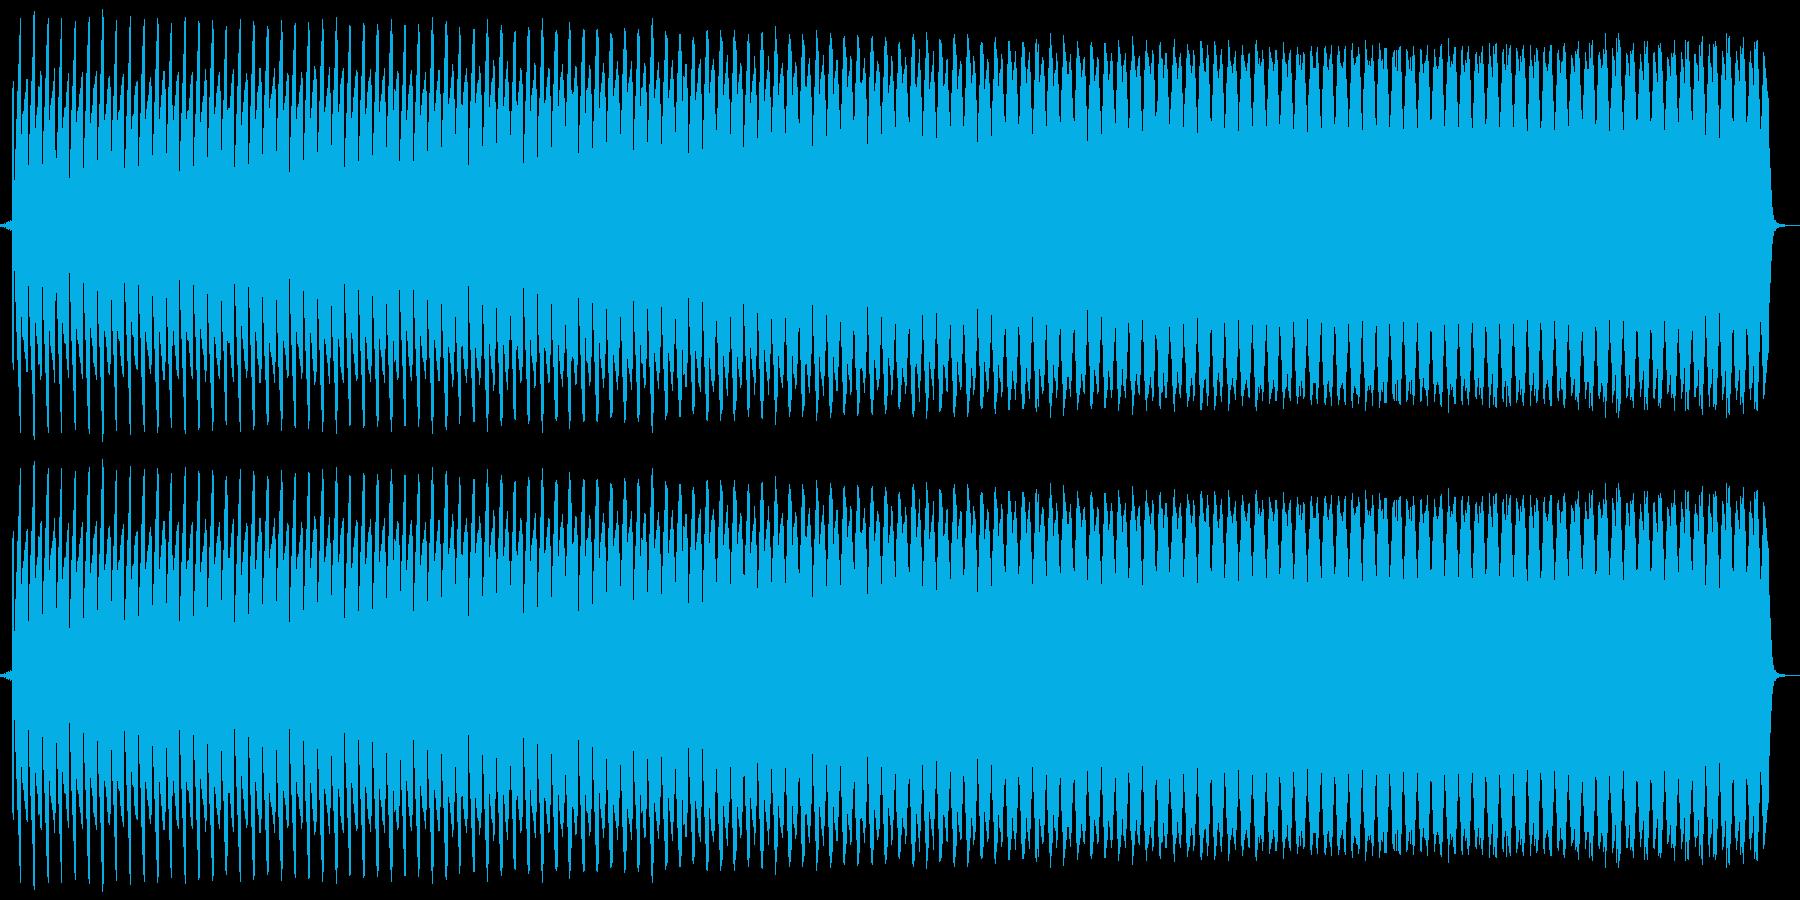 プー。クイズ不正解・ブザー音の再生済みの波形